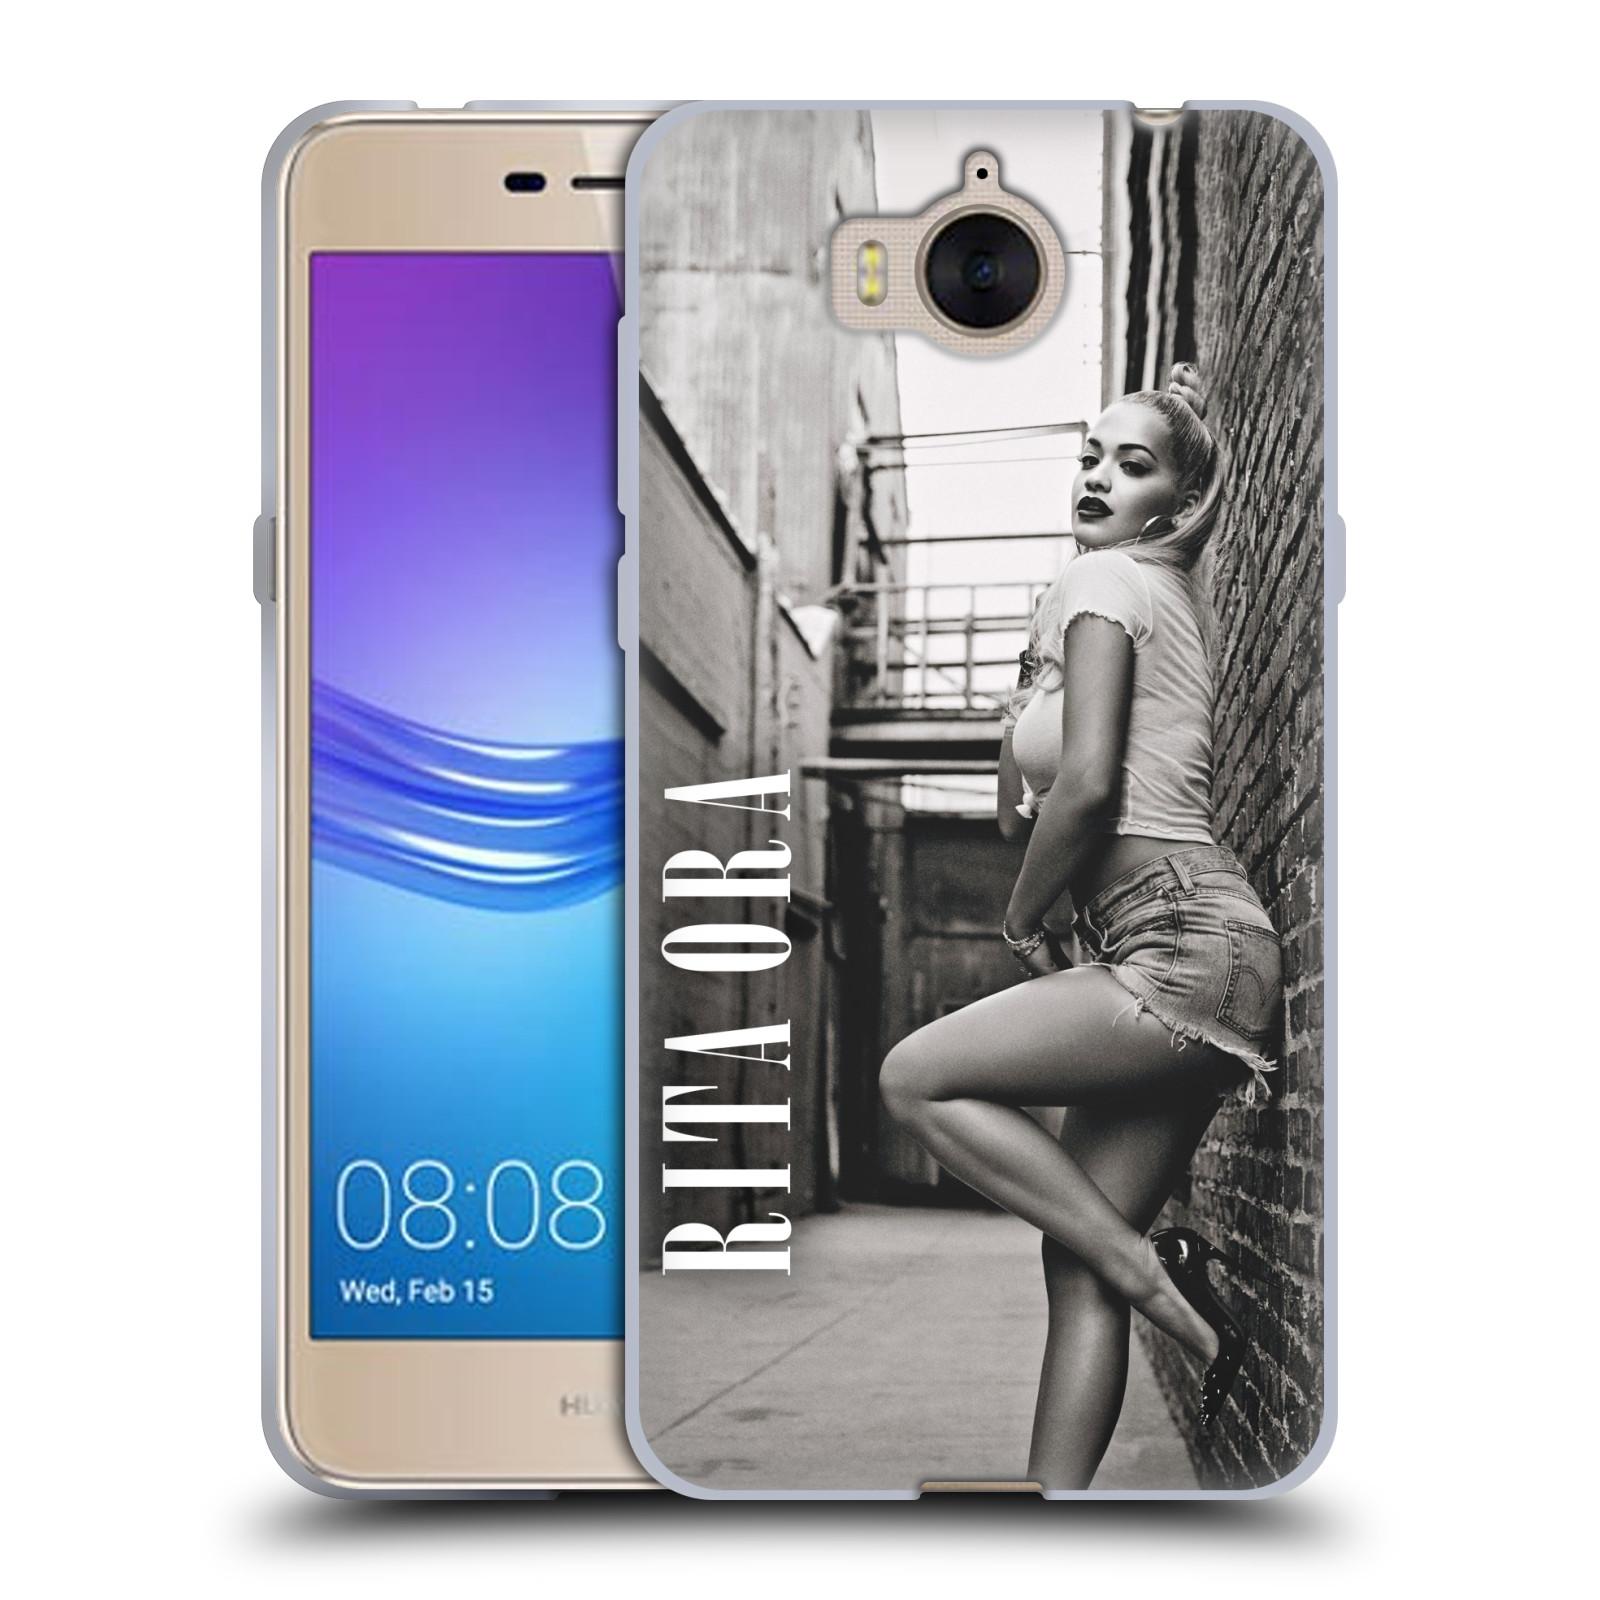 HEAD CASE silikonový obal na mobil Huawei Y5 2017 zpěvačka Rita Ora foto černobílá